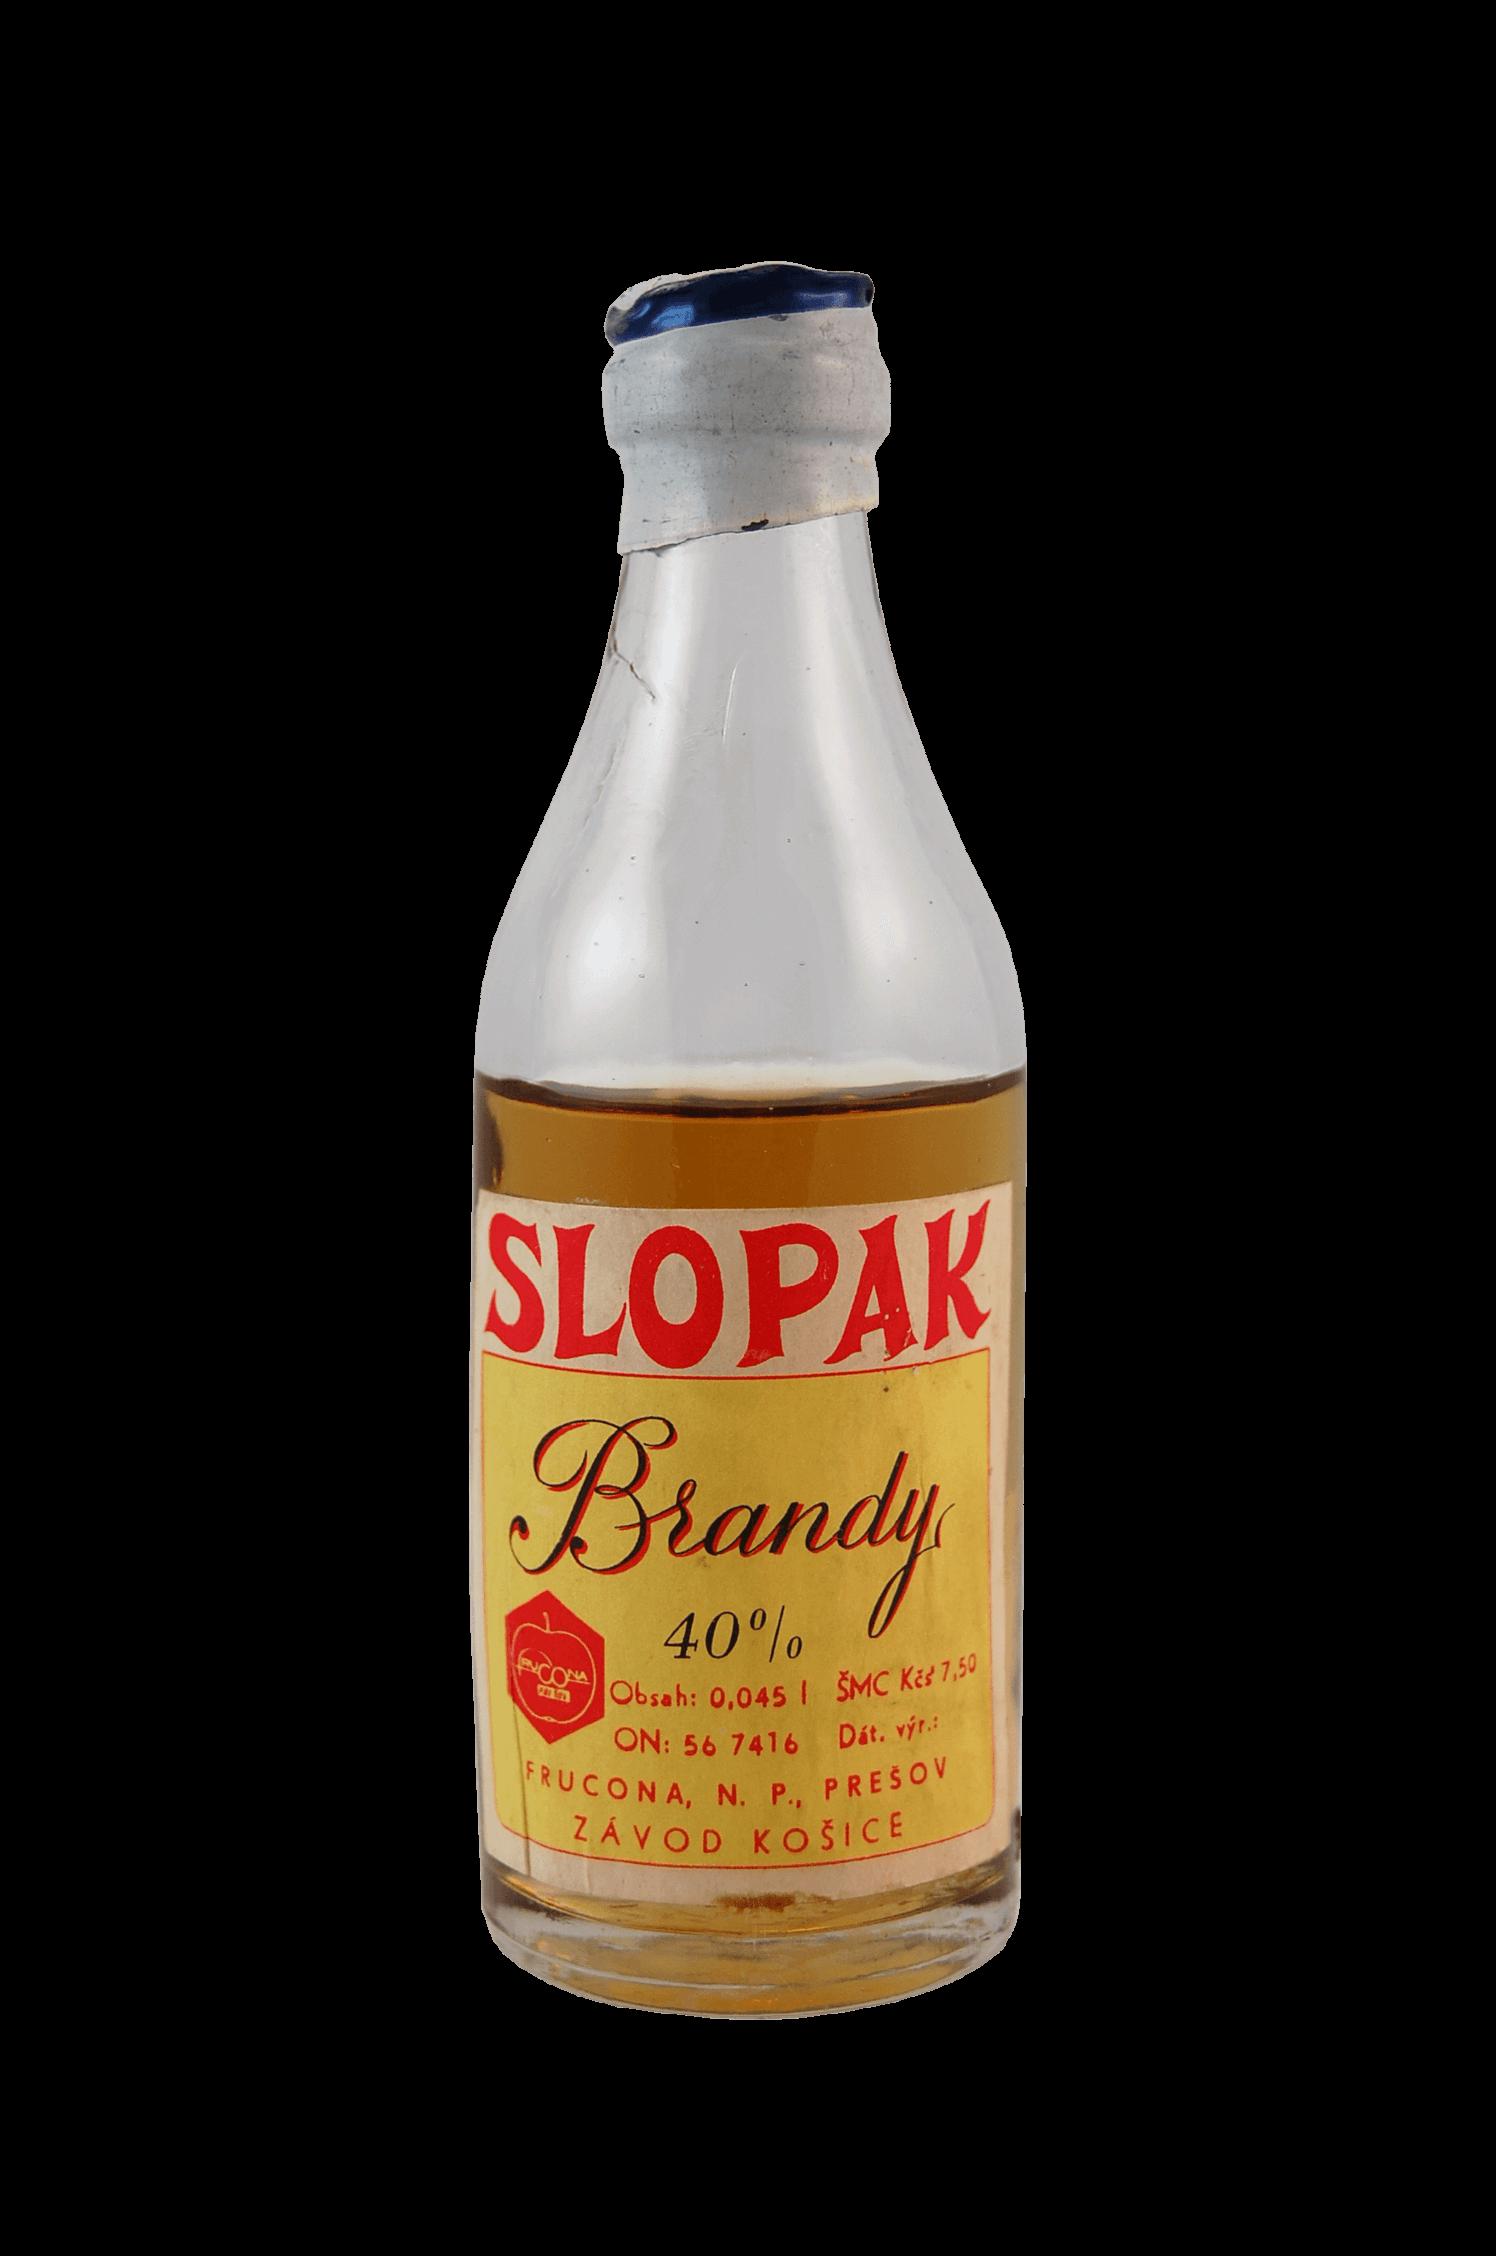 Slopak Brandy